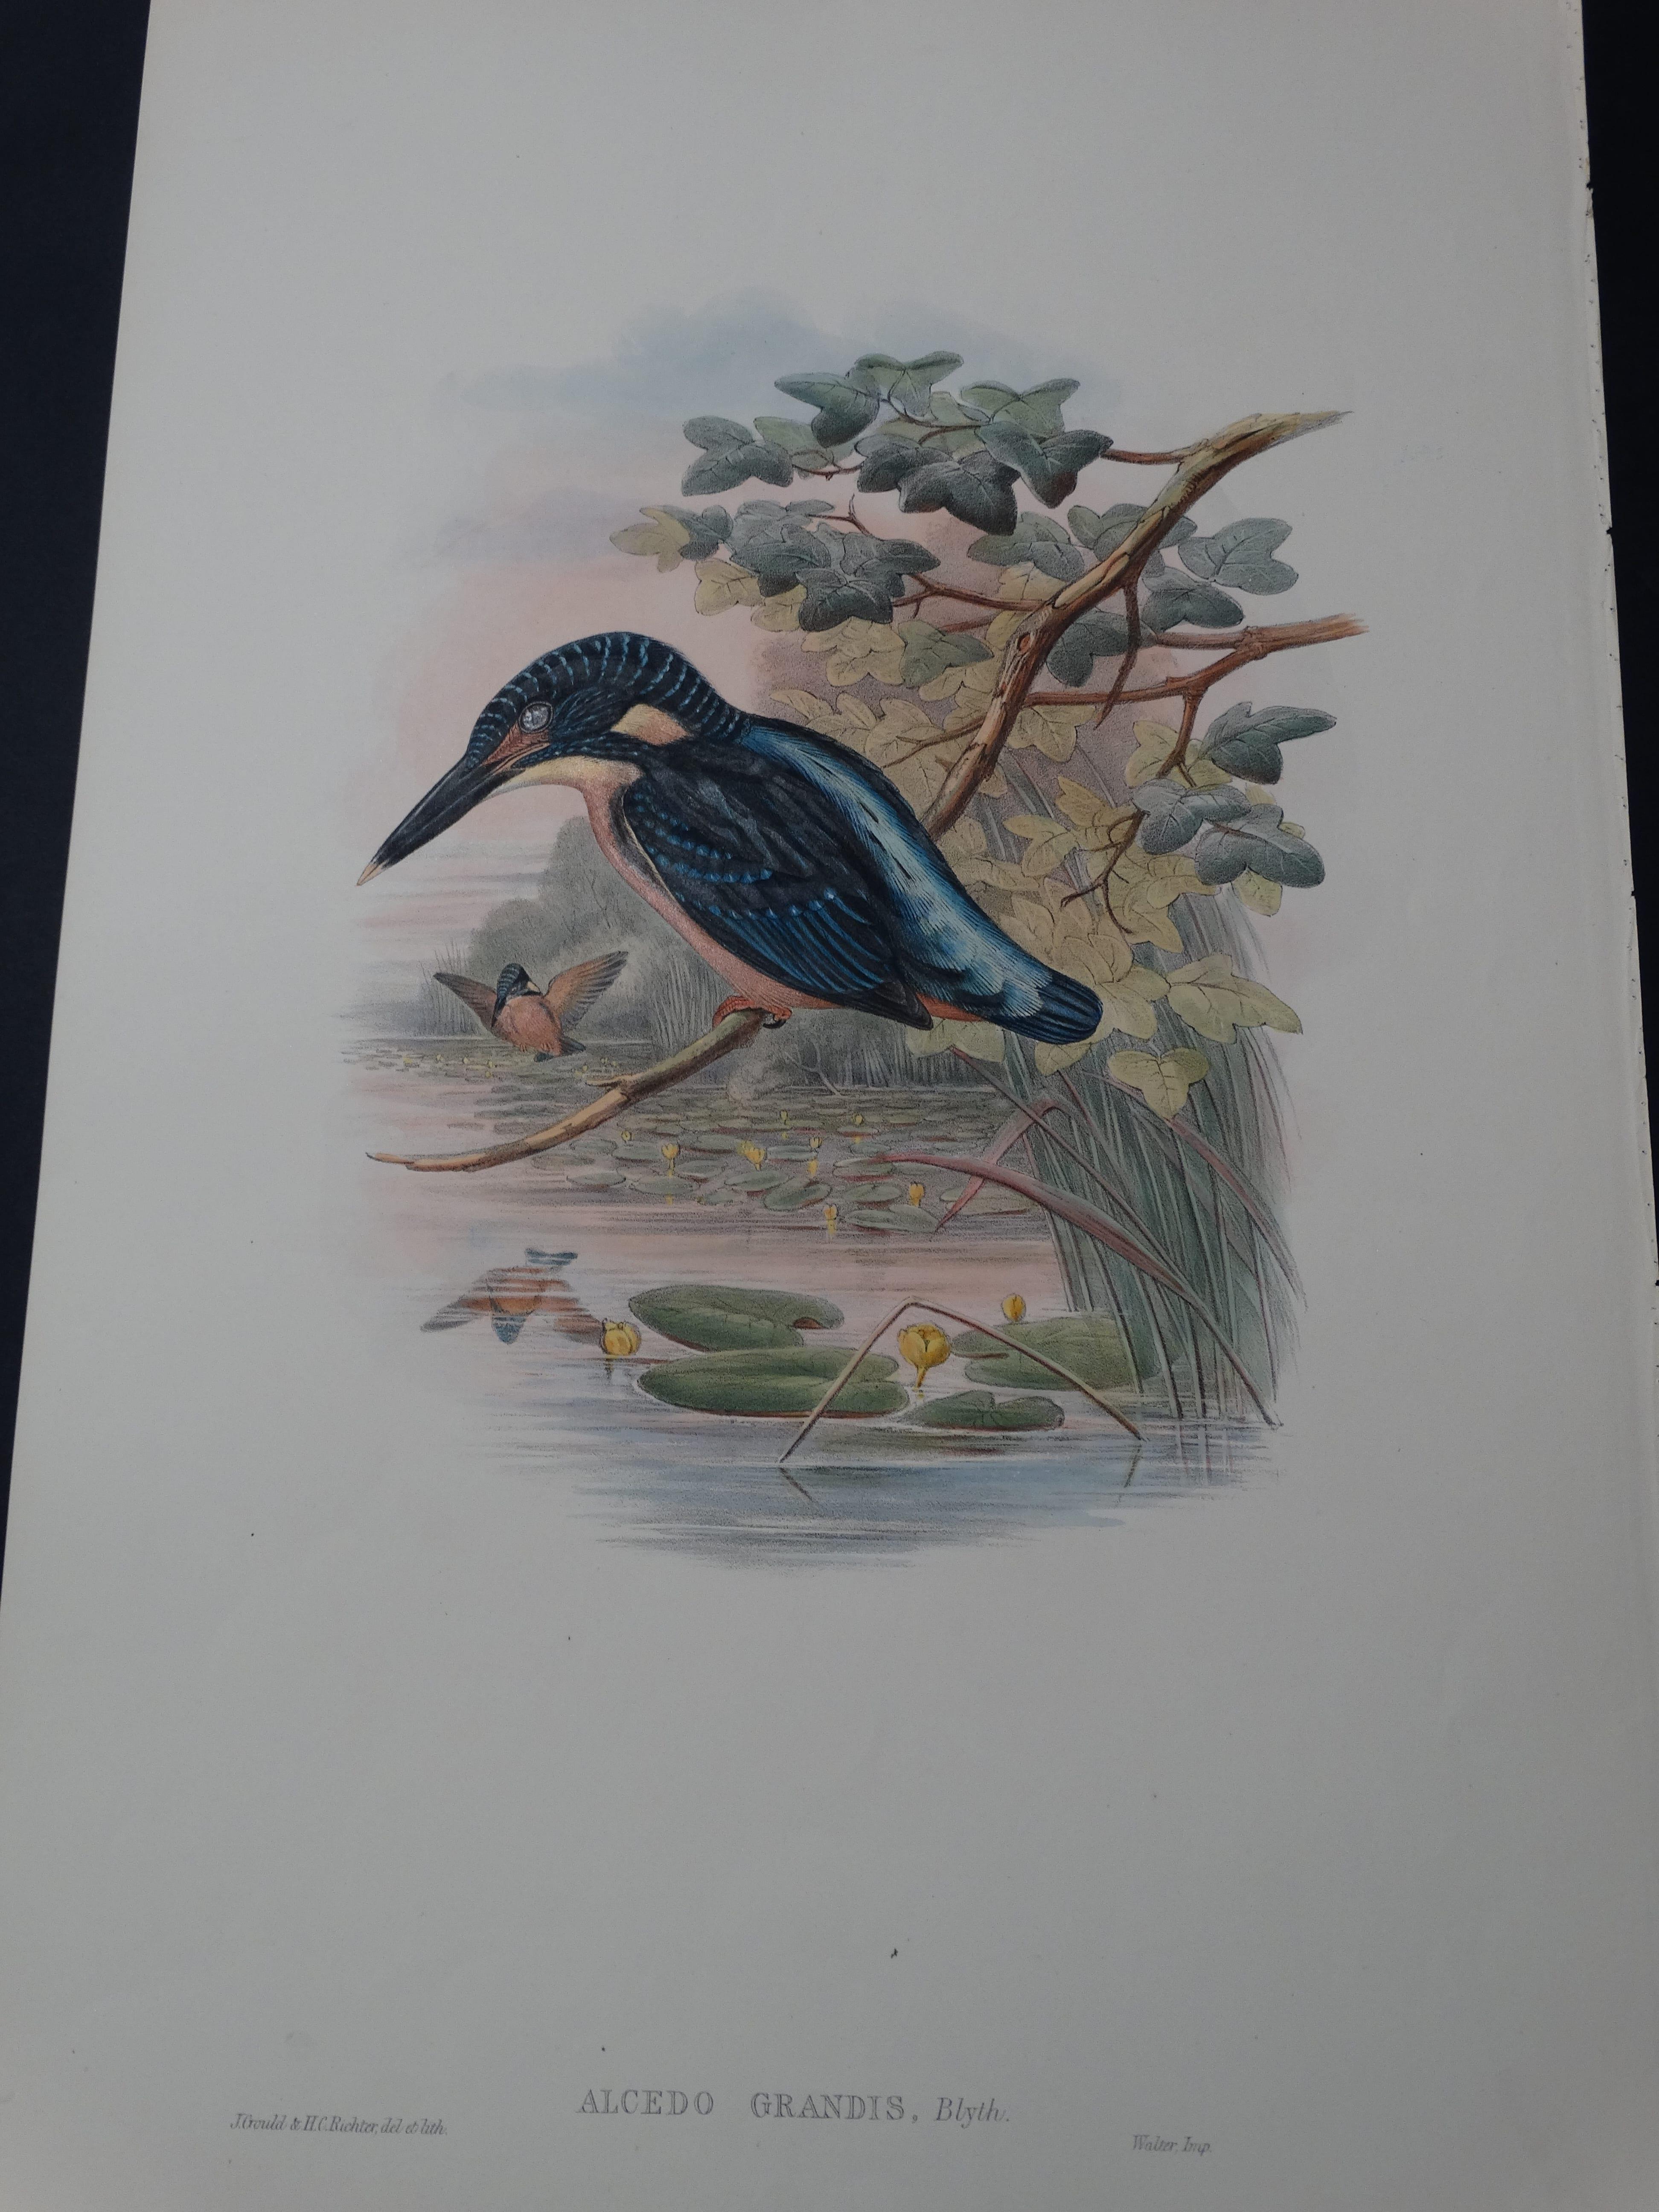 John Gould Water Birds Alcedo Grandis